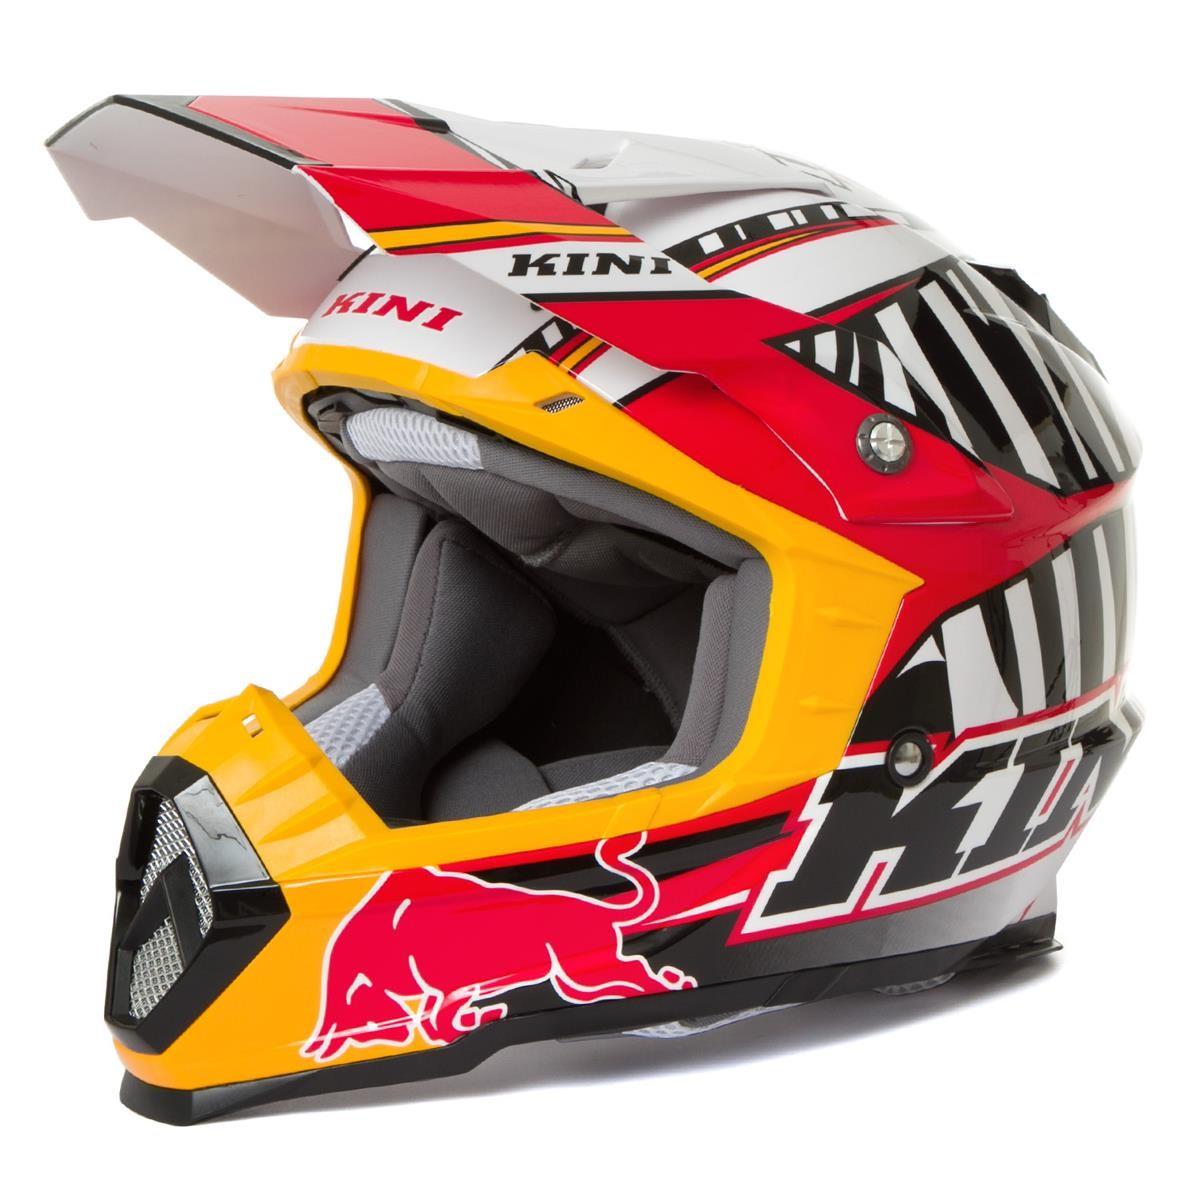 kini red bull casco tg s mx motocross enduro quad. Black Bedroom Furniture Sets. Home Design Ideas